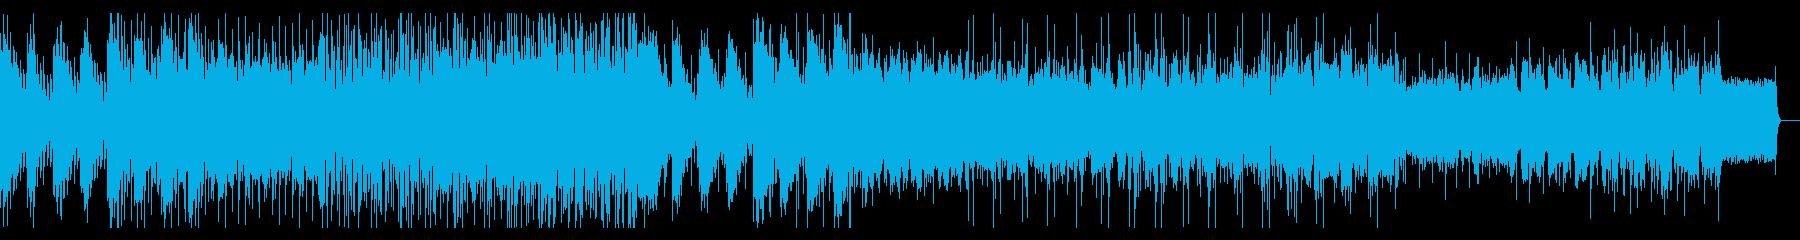 ダンサンブルなグリッジエレクトロニカの再生済みの波形